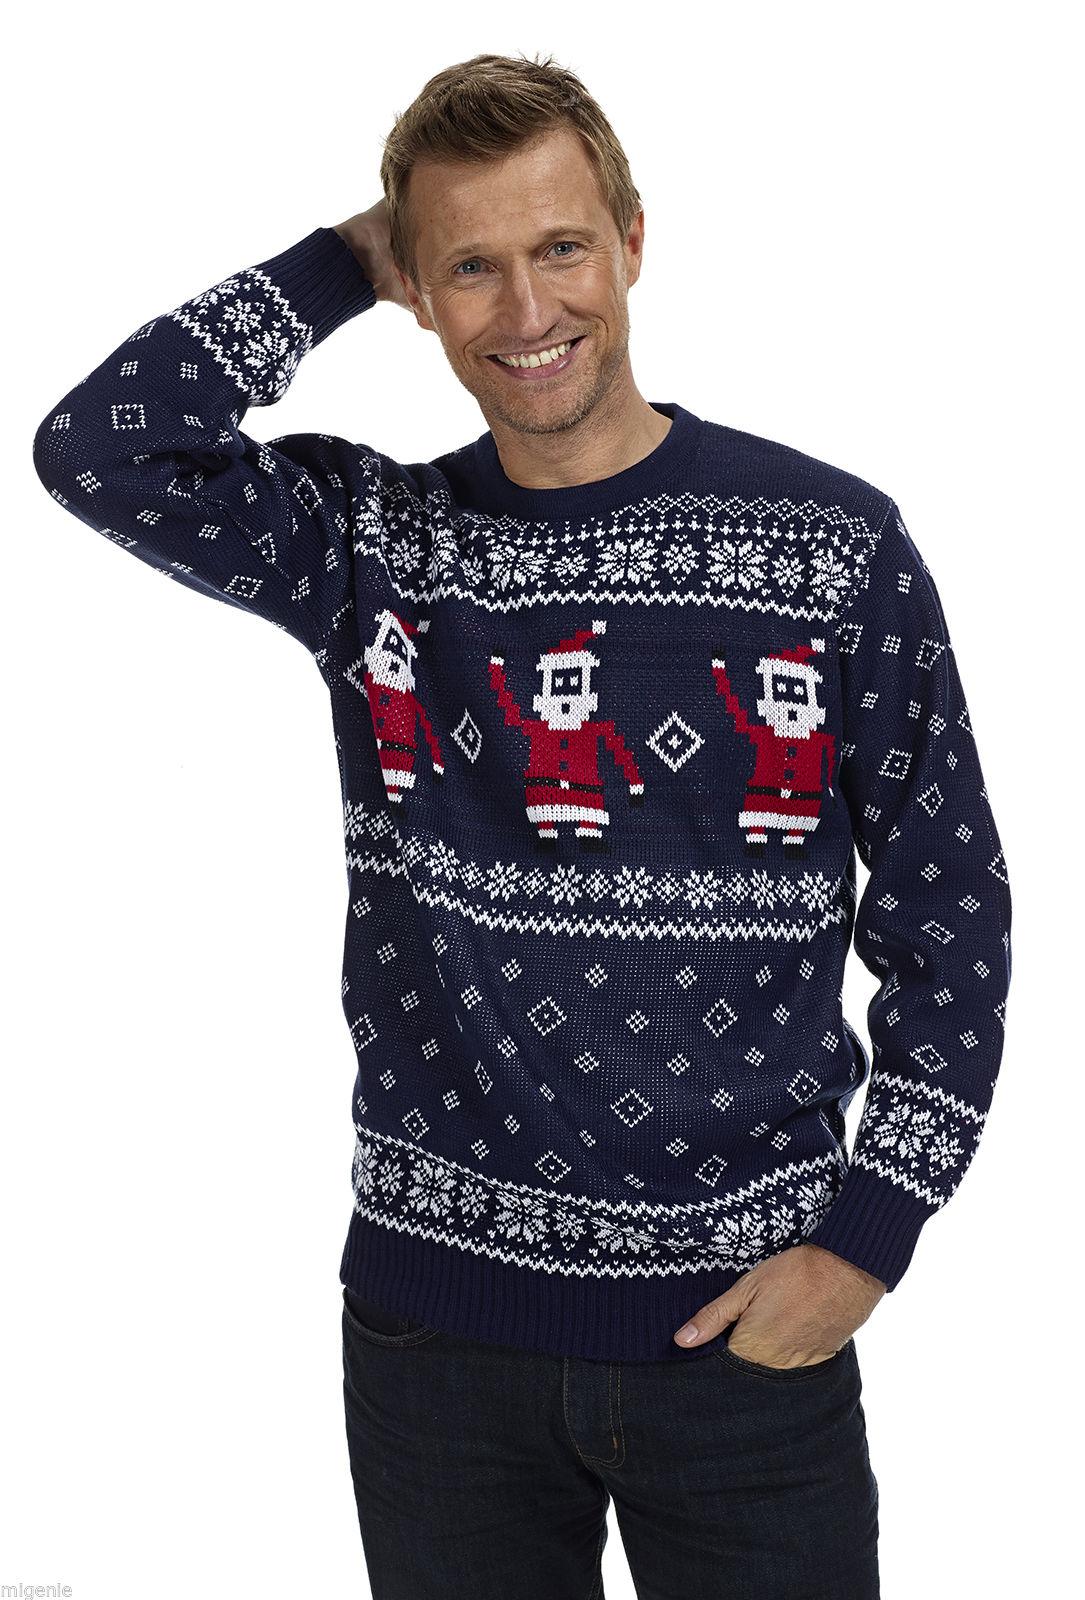 Heren Kersttrui Kopen.Kersttrui Navy Blauw Met Kerstmannen